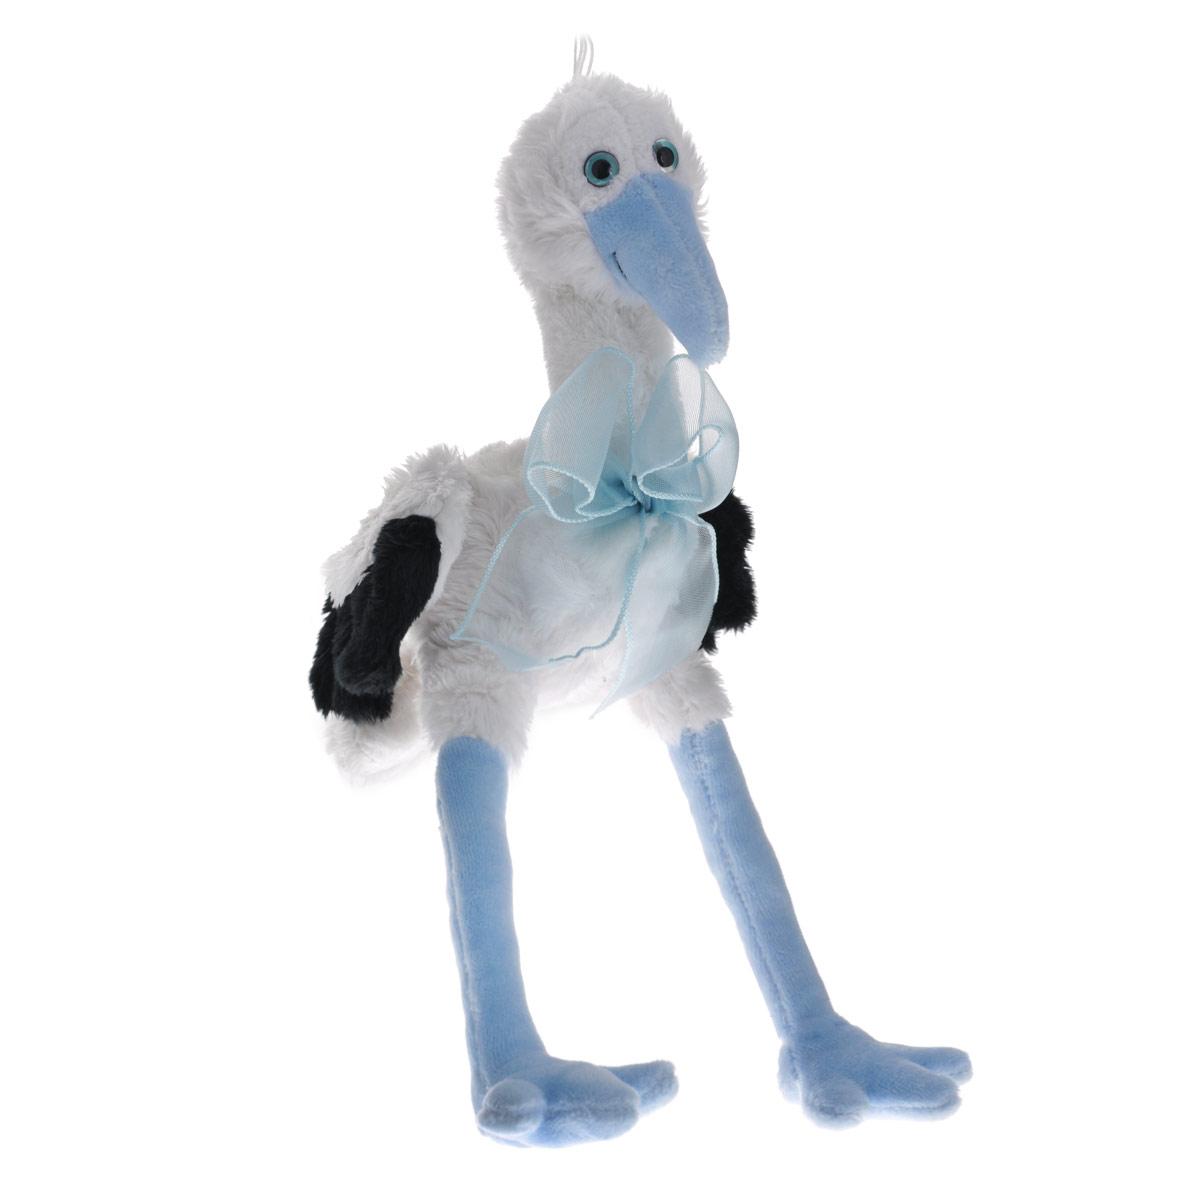 Мягкая игрушка Аист, цвет: белый, голубой, 17 см коньяк белый аист в ижевске